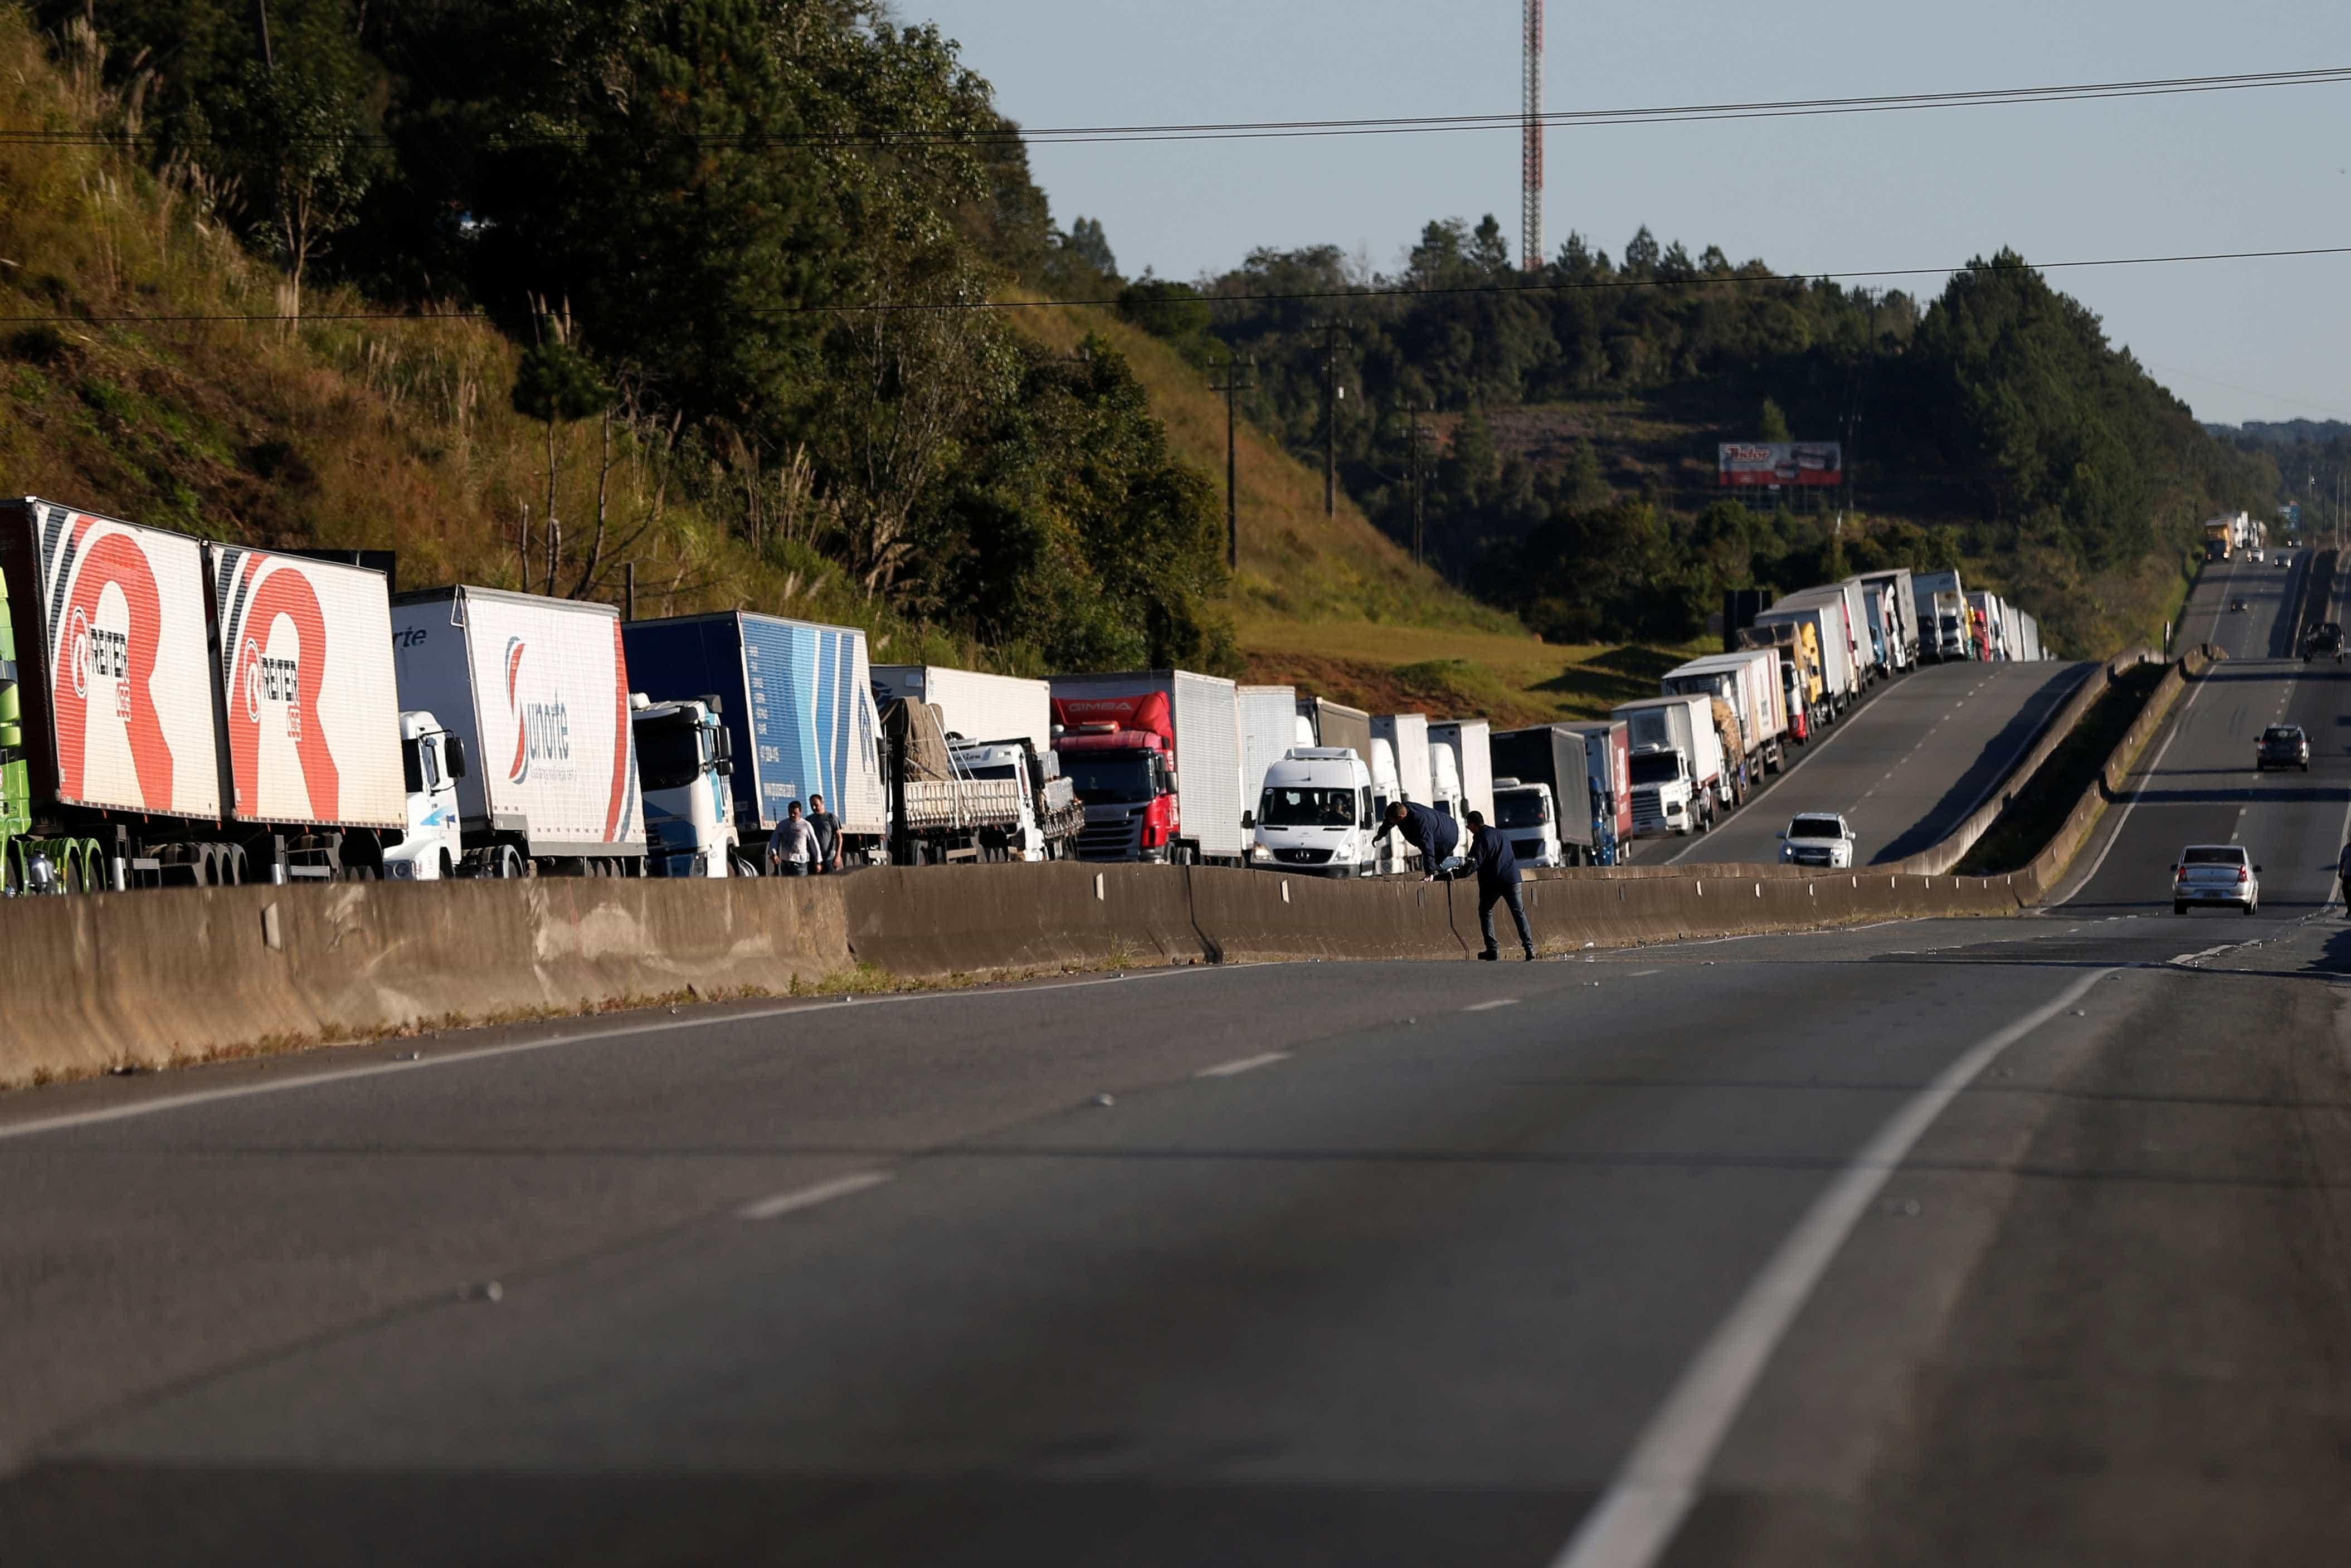 Multas cobradas a transportadoras já passam de R$ 840 milhões